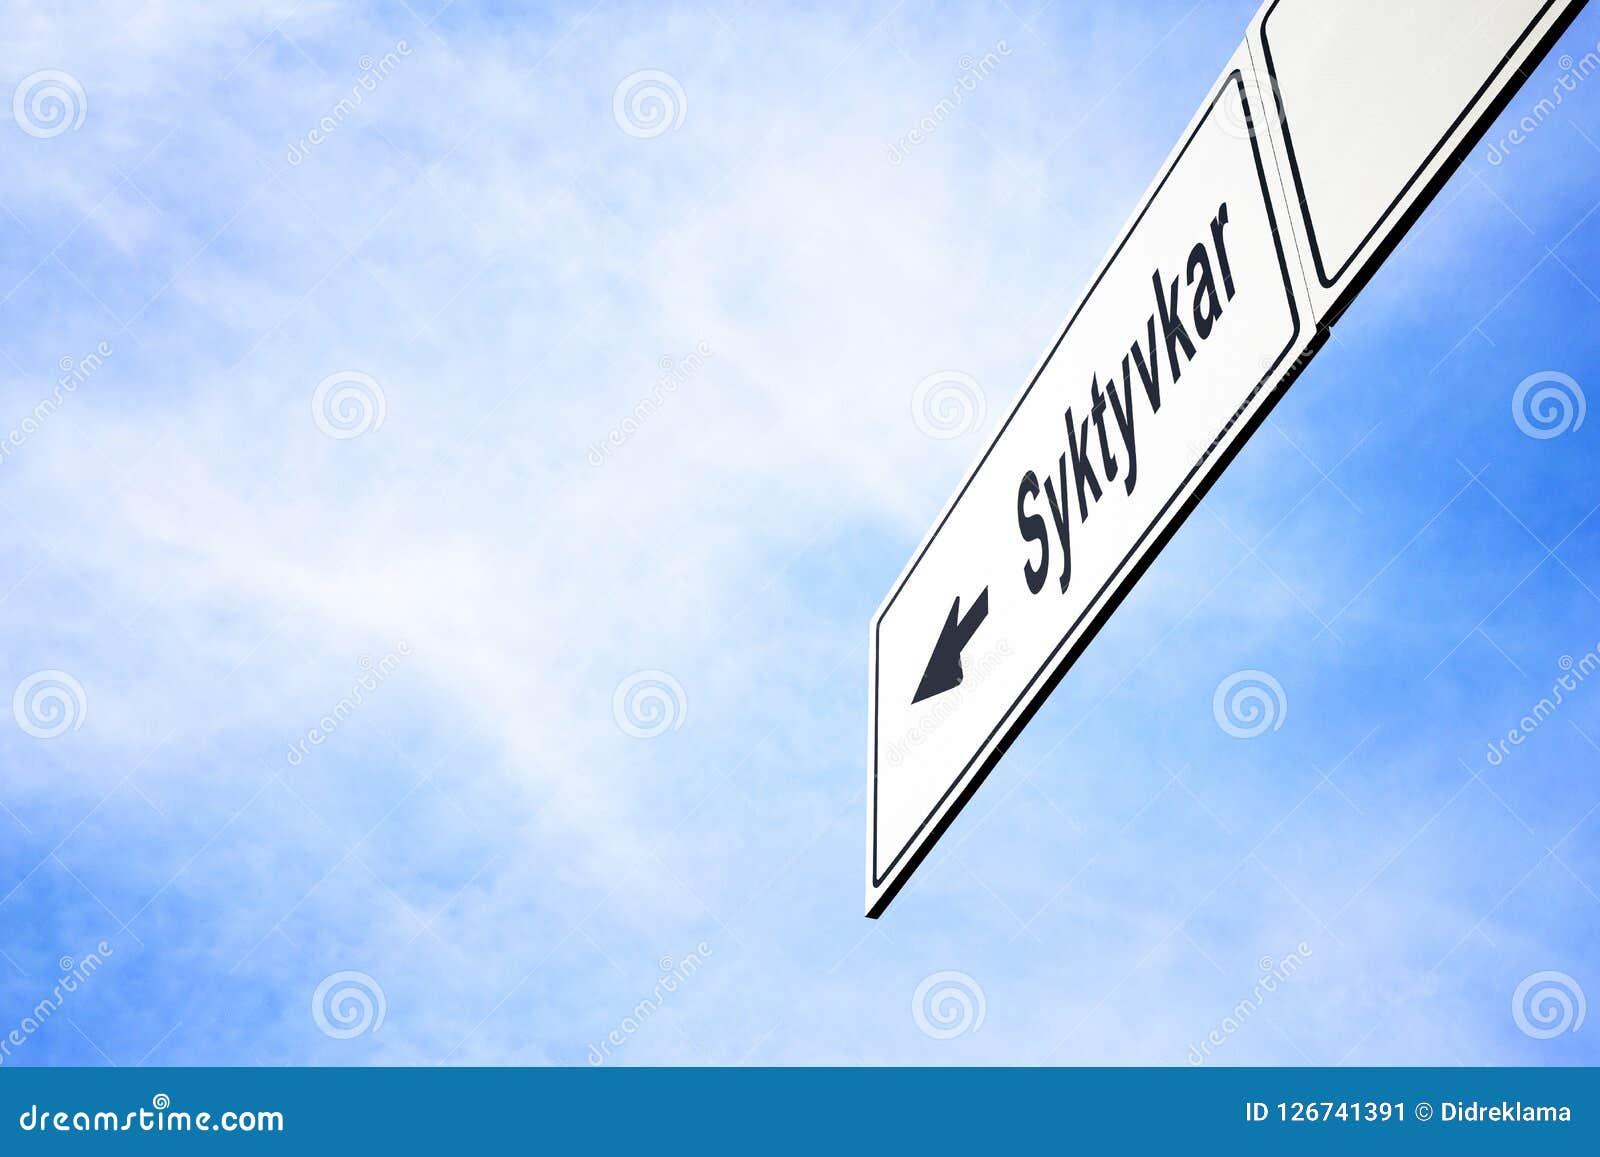 Signboard wskazuje w kierunku Syktyvkar